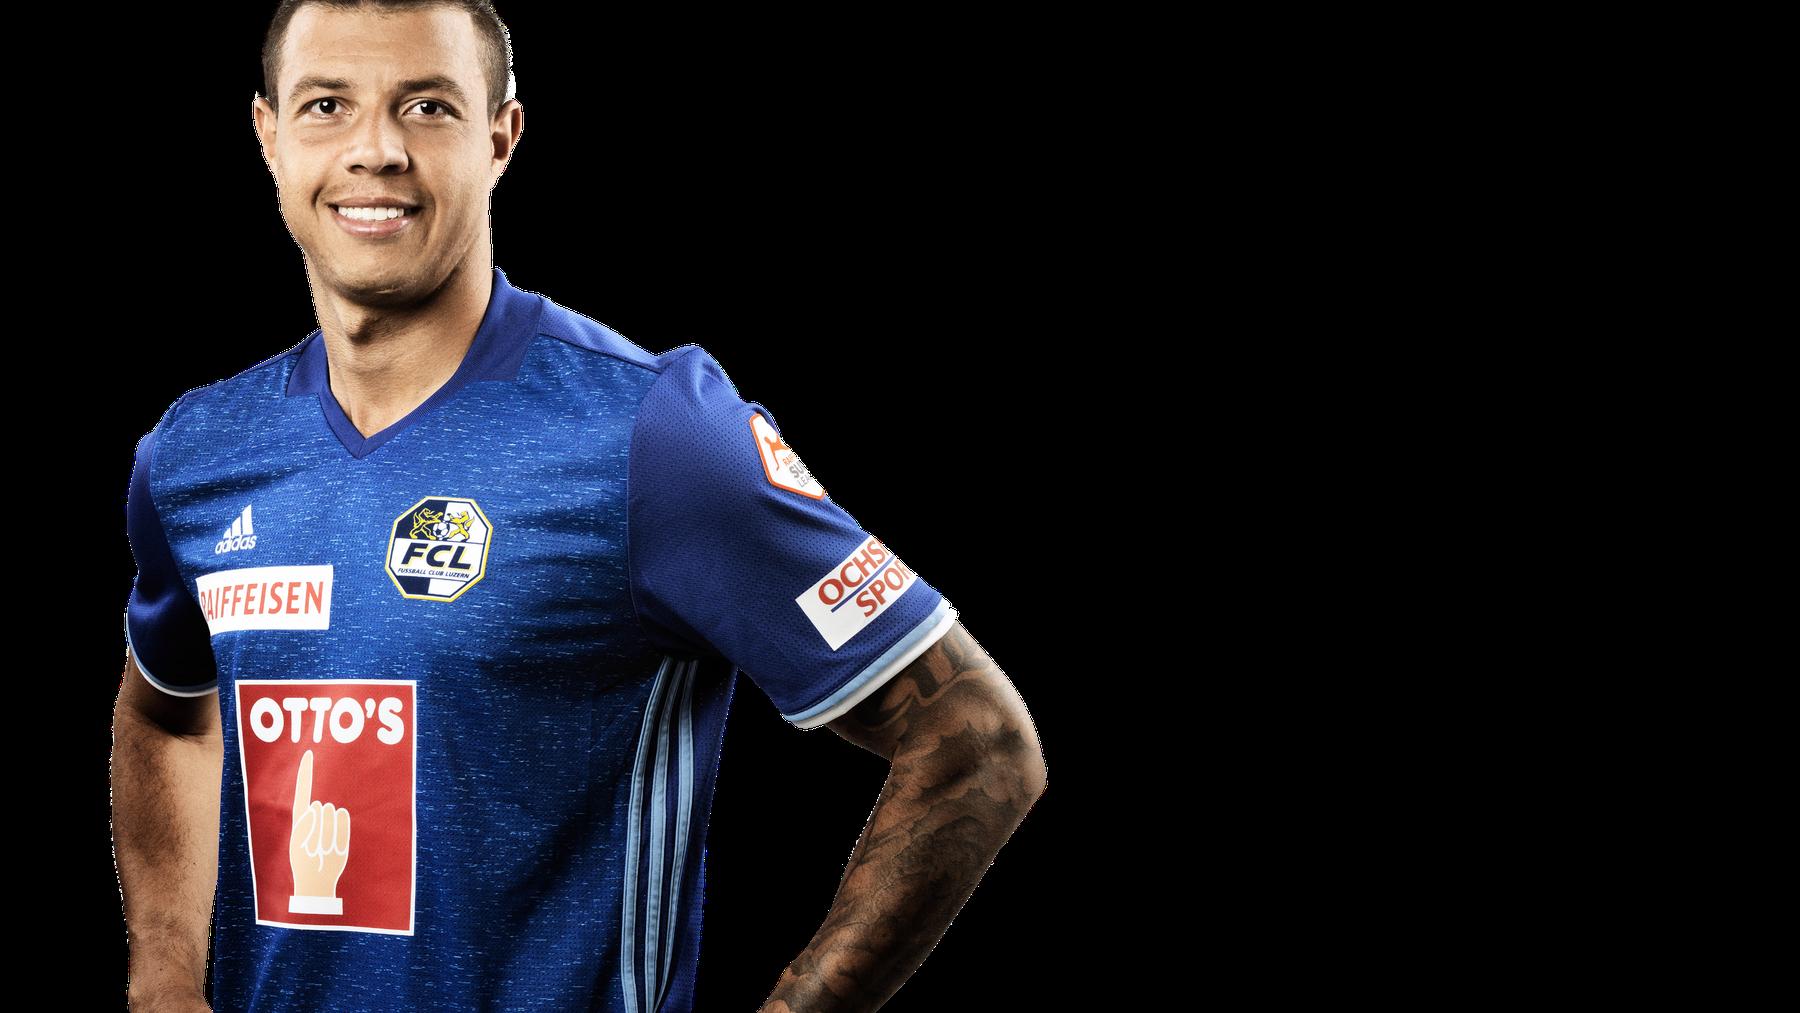 FCL verlängert Vertrag mit Lucas Alves bis 2022